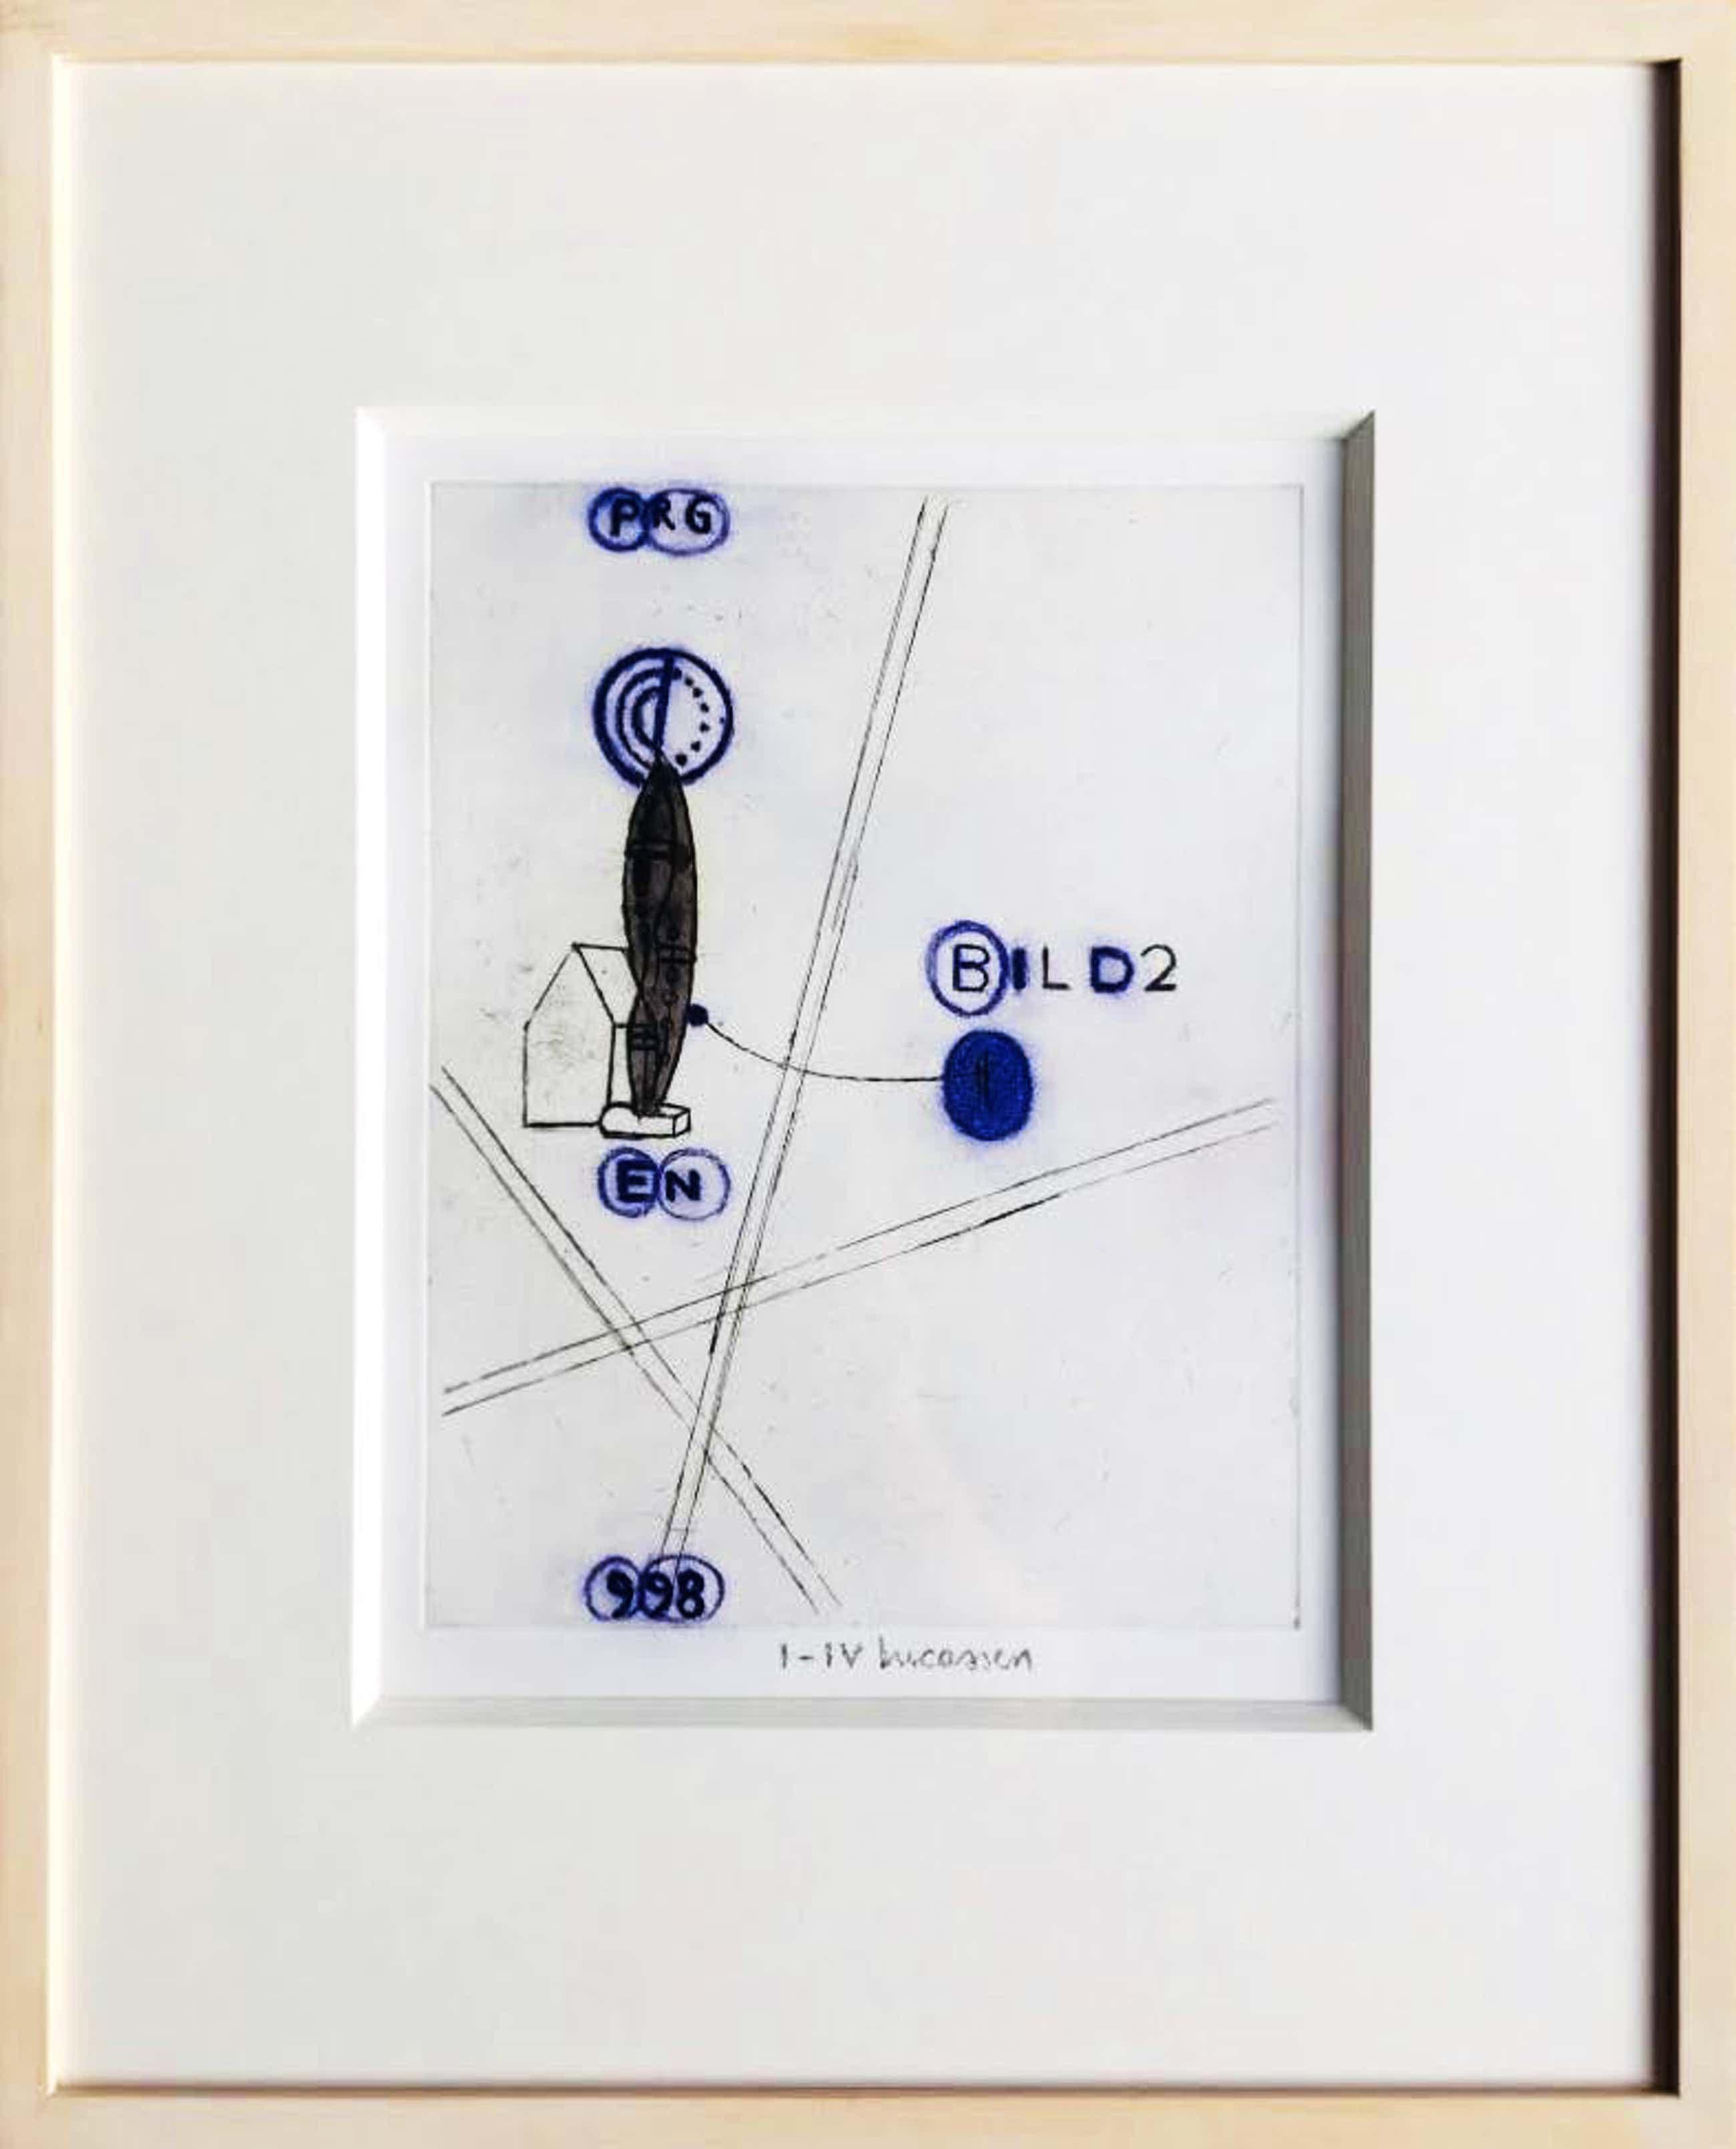 Reinier Lucassen - ets met aquarel 'Bild 2' - oplage I-IV - ingelijst. kopen? Bied vanaf 185!